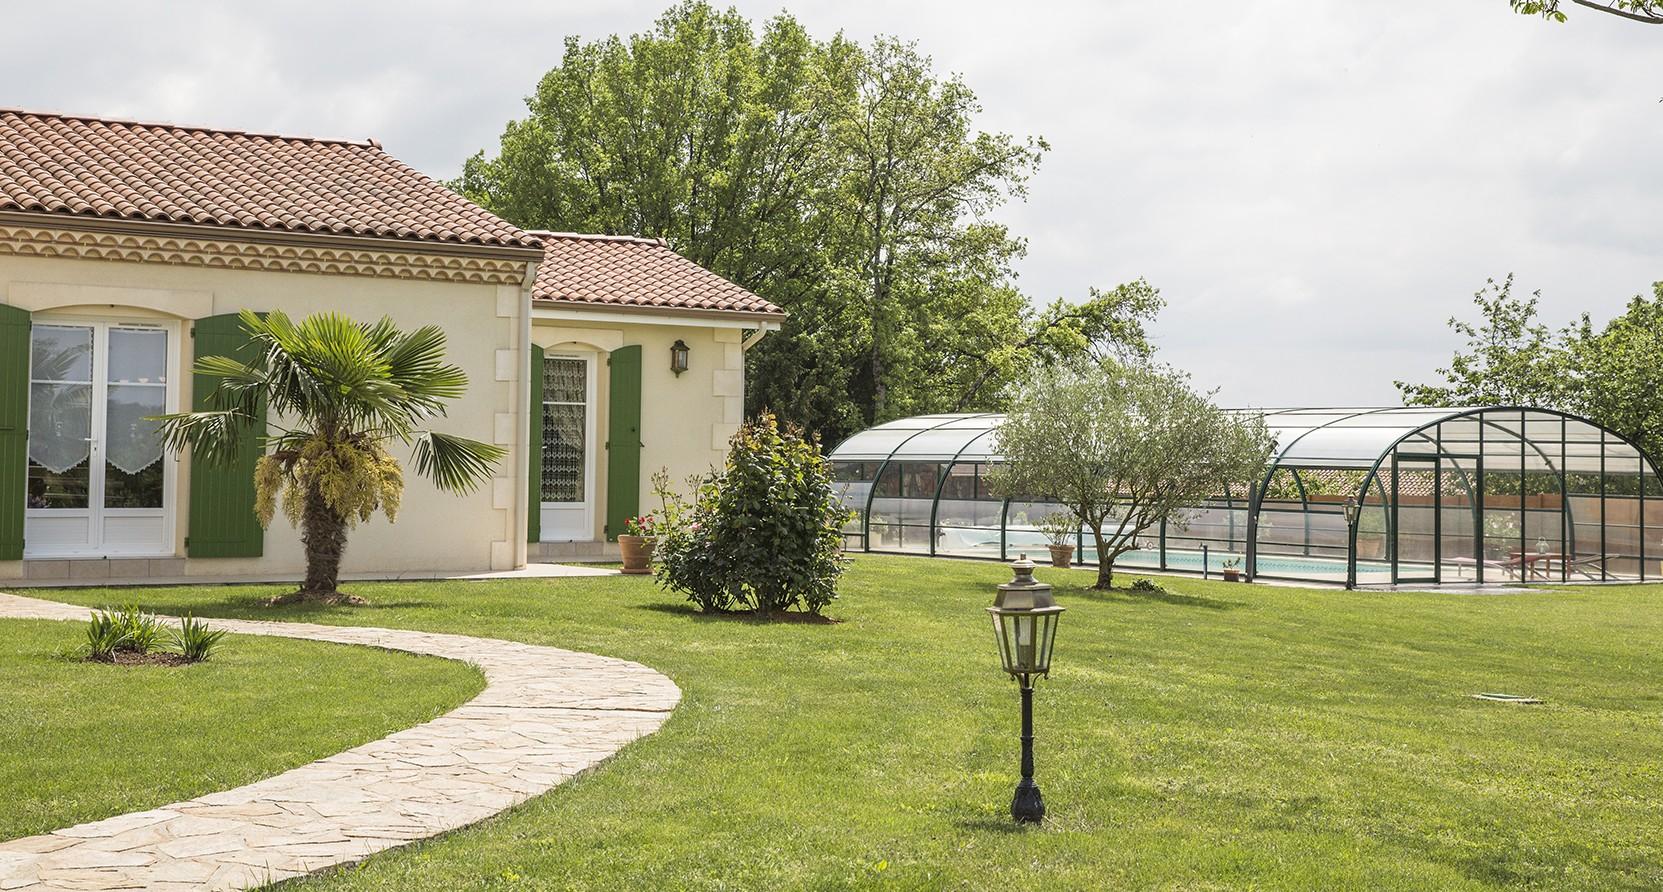 Maison périgourdine entourée de son jardin en Dordogne